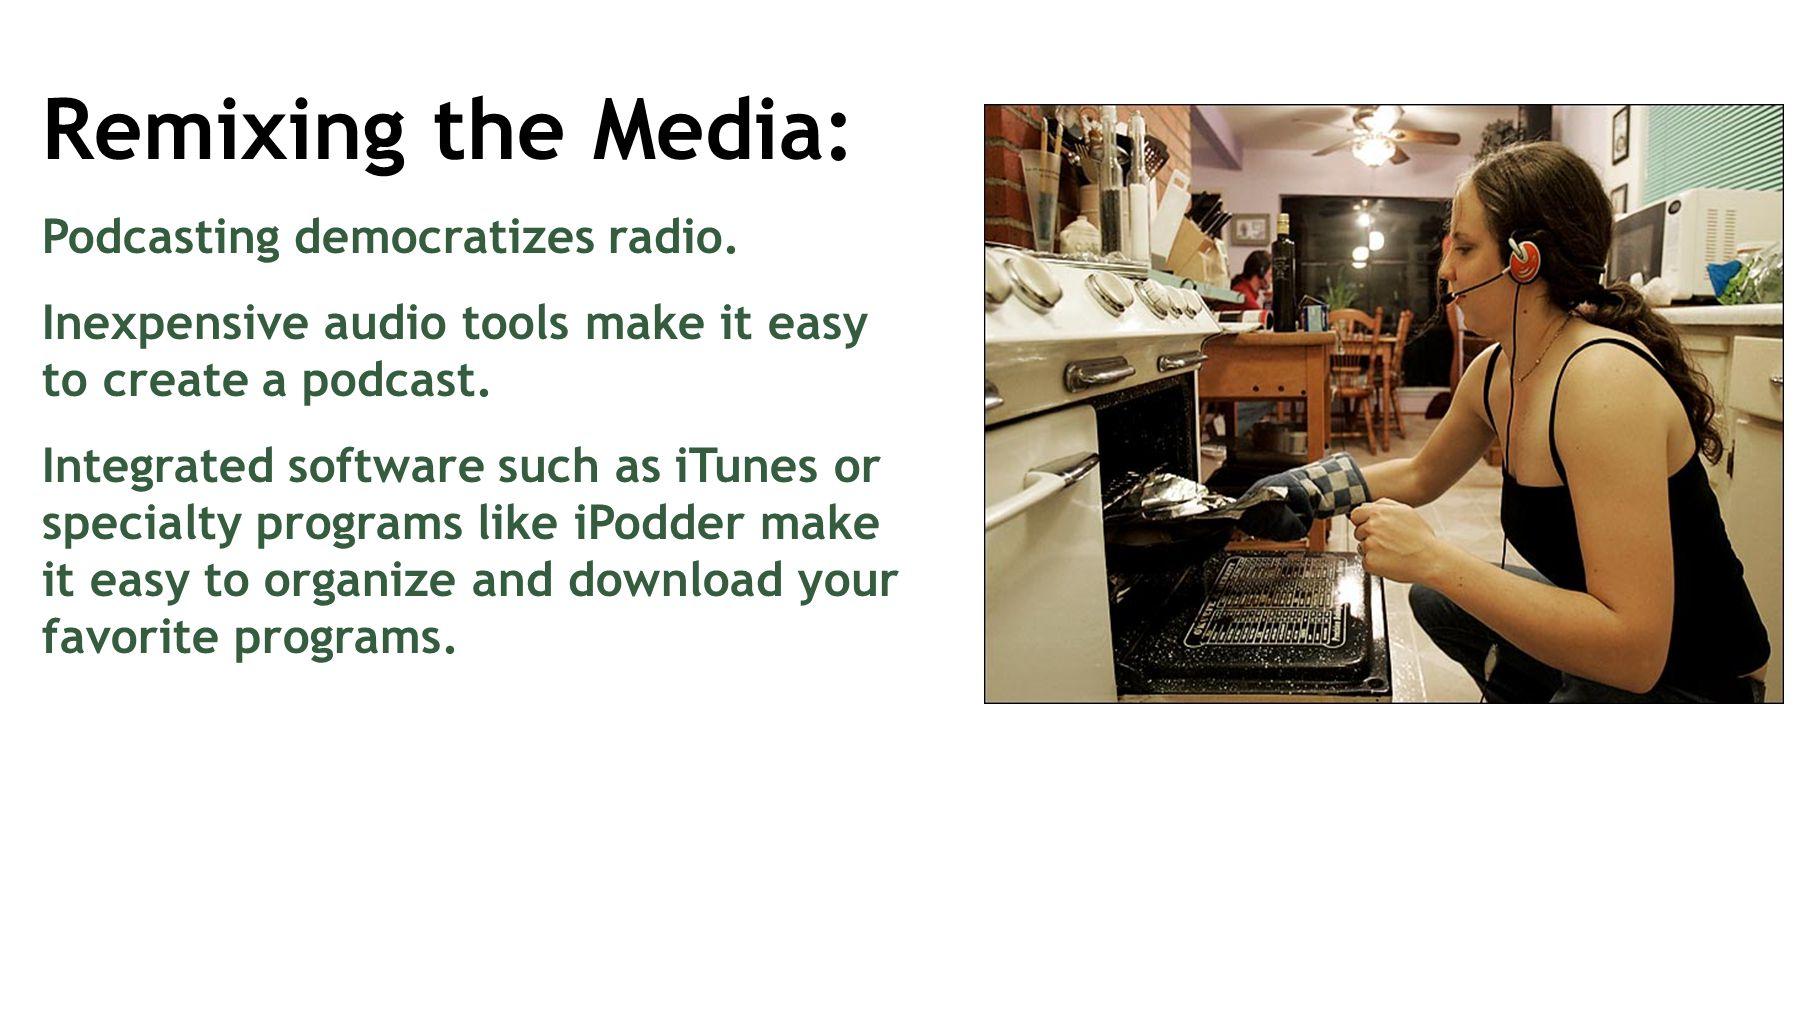 Remixing the Media: Podcasting democratizes radio.